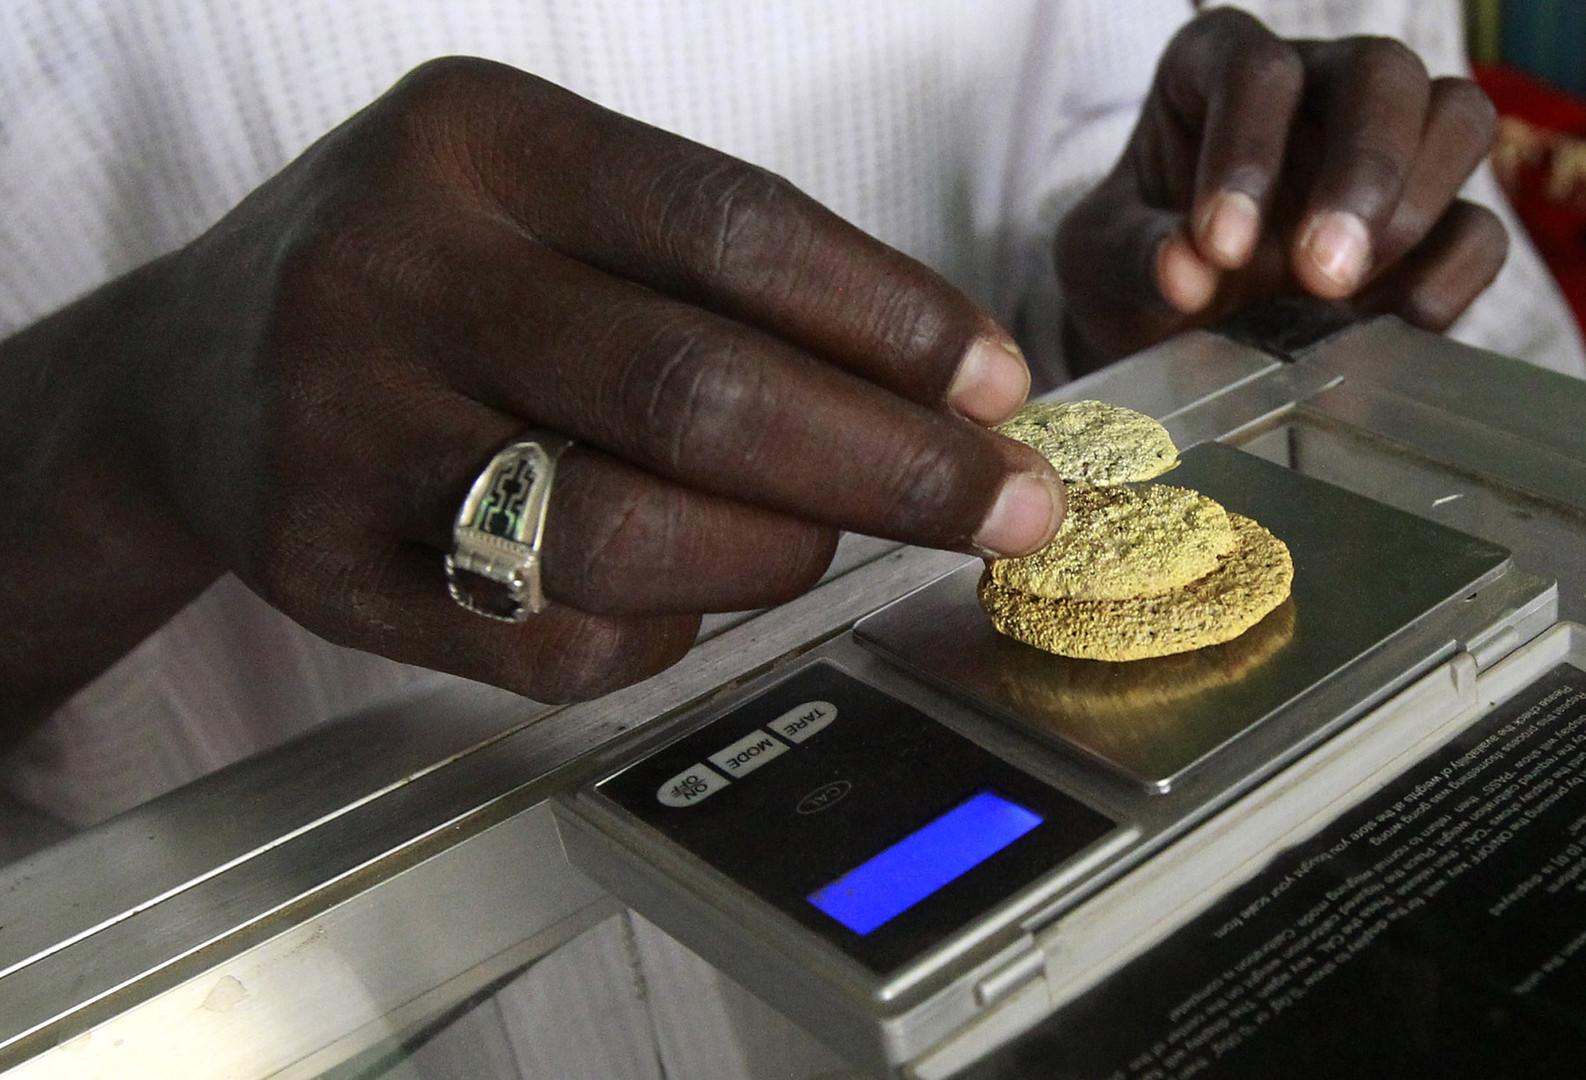 شركة عربية تهرّب كميات كبيرة من الذهب السوداني